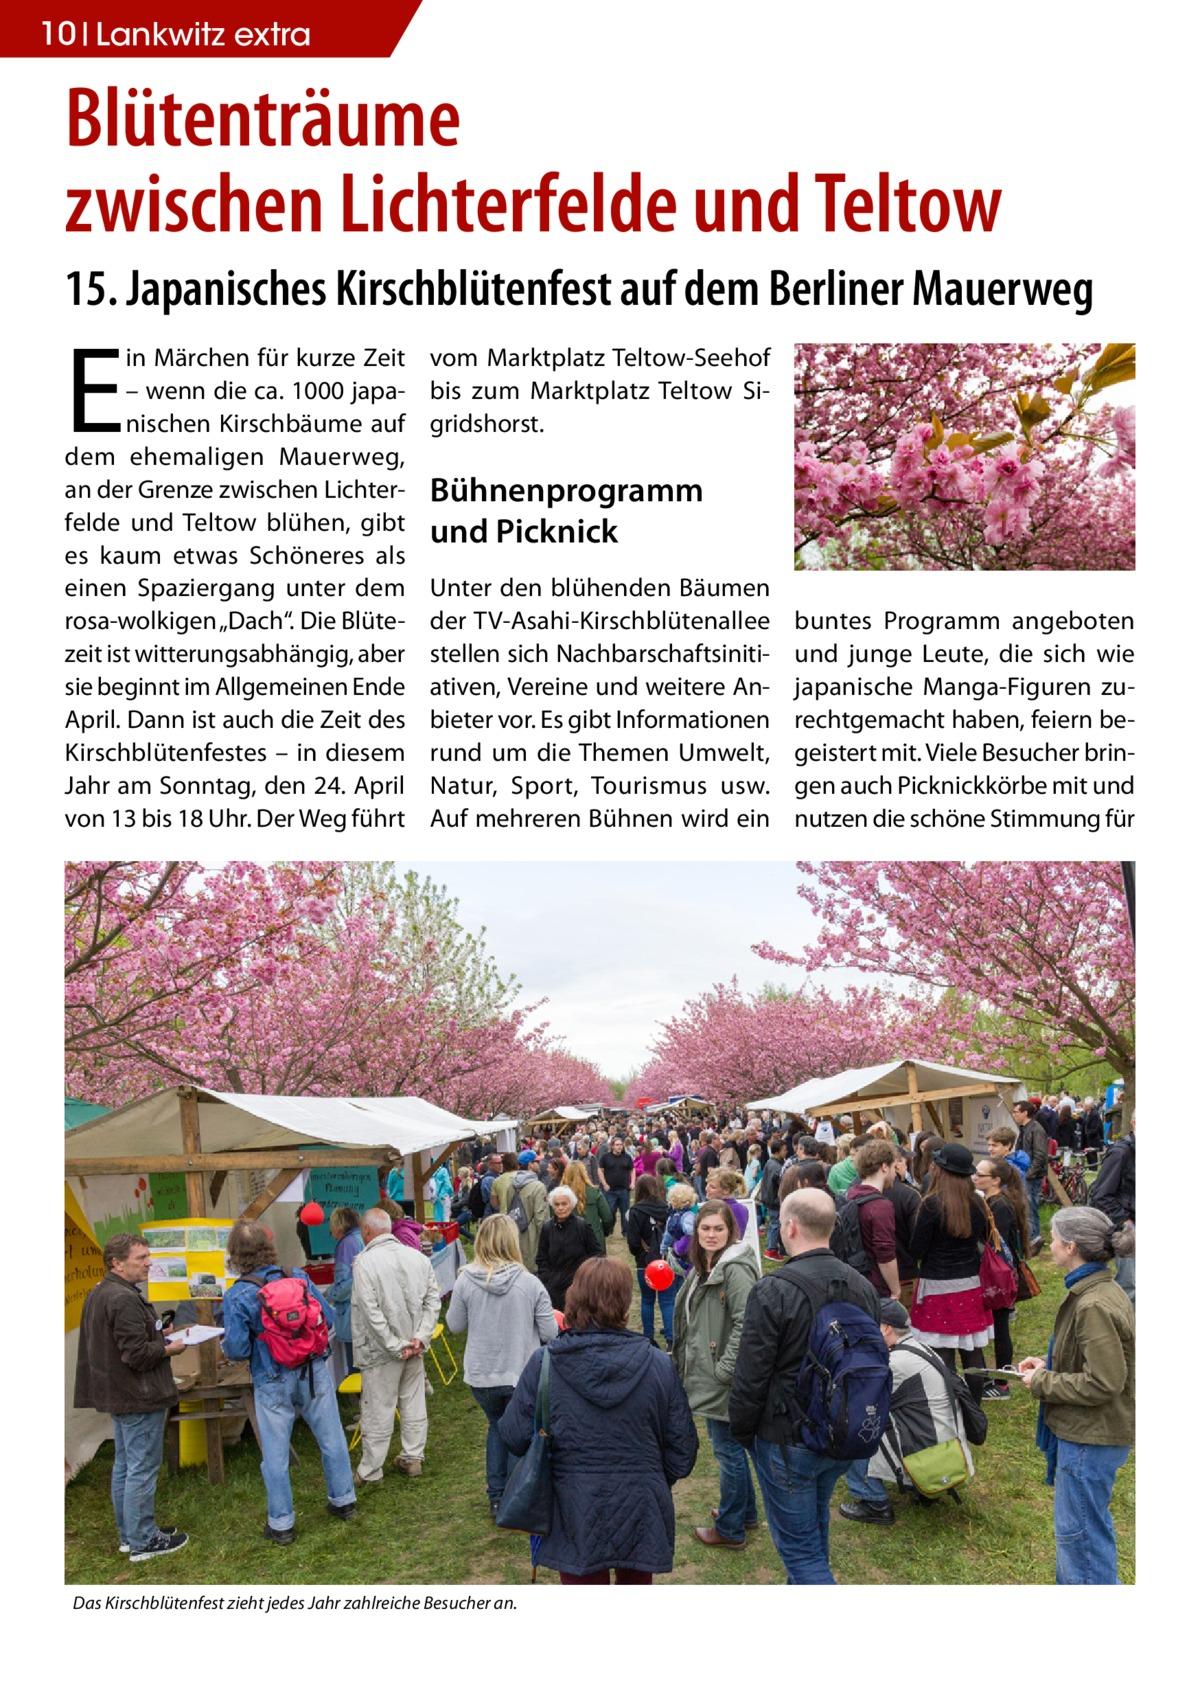 """10 Lankwitz extra  Blütenträume zwischen Lichterfelde und Teltow 15. Japanisches Kirschblütenfest auf dem Berliner Mauerweg  E  in Märchen für kurze Zeit – wenn die ca. 1000 japanischen Kirschbäume auf dem ehemaligen Mauerweg, an der Grenze zwischen Lichterfelde und Teltow blühen, gibt es kaum etwas Schöneres als einen Spaziergang unter dem rosa-wolkigen """"Dach"""". Die Blütezeit ist witterungsabhängig, aber sie beginnt im Allgemeinen Ende April. Dann ist auch die Zeit des Kirschblütenfestes – in diesem Jahr am Sonntag, den 24.April von 13 bis 18Uhr. Der Weg führt  vom Marktplatz Teltow-Seehof bis zum Marktplatz Teltow Sigridshorst.  Bühnenprogramm und Picknick Unter den blühenden Bäumen der TV-Asahi-Kirschblütenallee stellen sich Nachbarschaftsinitiativen, Vereine und weitere Anbieter vor. Es gibt Informationen rund um die Themen Umwelt, Natur, Sport, Tourismus usw. Auf mehreren Bühnen wird ein  Das Kirschblütenfest zieht jedes Jahr zahlreiche Besucher an.  buntes Programm angeboten und junge Leute, die sich wie japanische Manga-Figuren zurechtgemacht haben, feiern begeistert mit. Viele Besucher bringen auch Picknickkörbe mit und nutzen die schöne Stimmung für"""